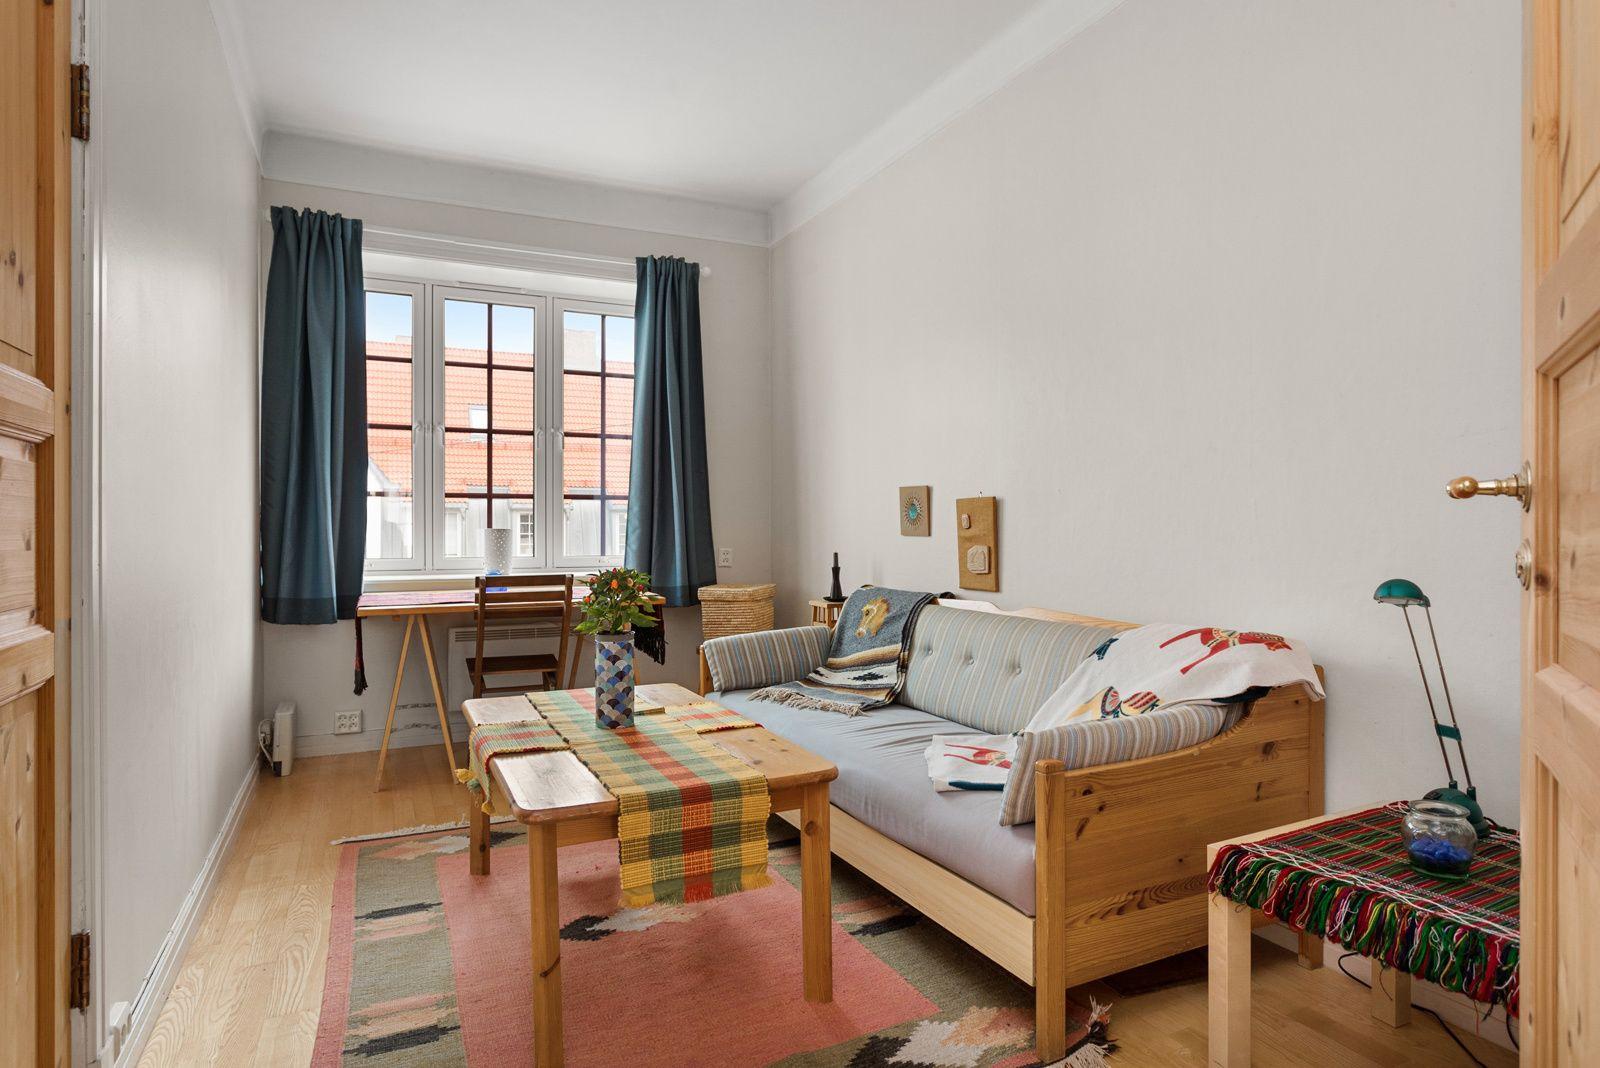 Bergensgata 18B 2 store soverom. Antatt mulighet for ekstra rom ved å dele loftstuen.